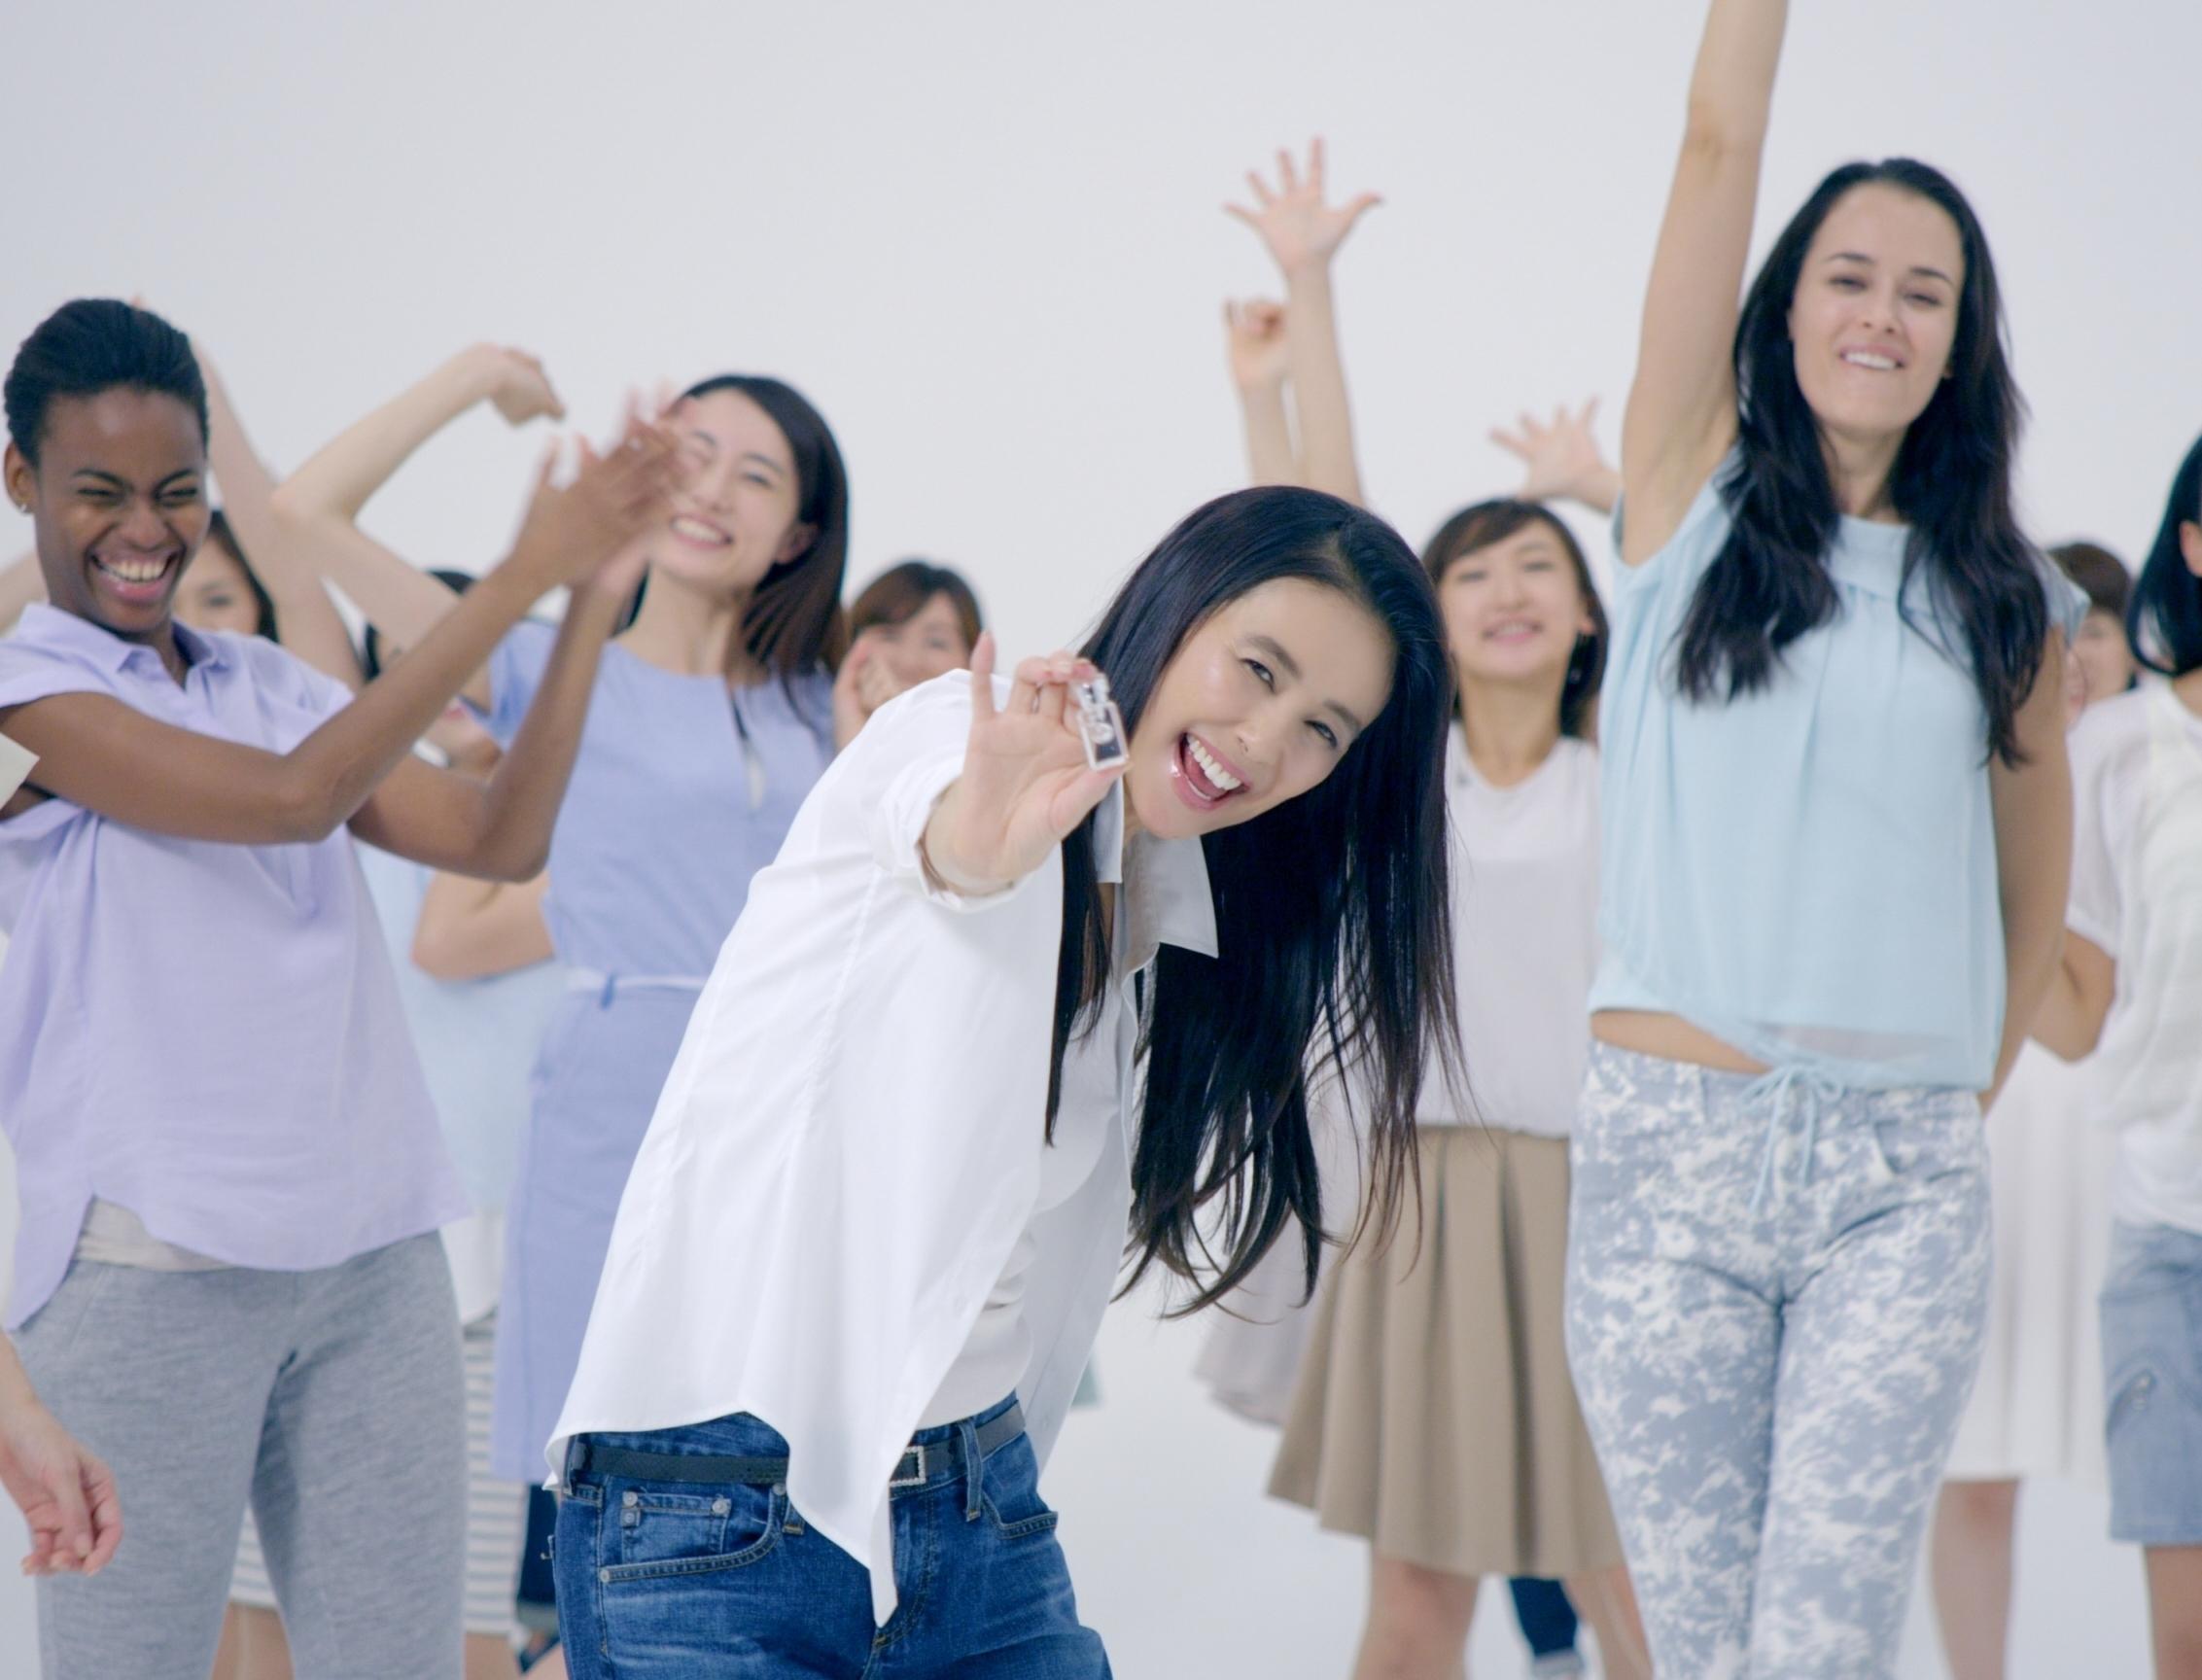 ~ハーバー新テレビCM完成~  萬田久子さんを起用したテレビCM『やっぱり、スクワランが好き!』2014年10月17日(金)より放映開始